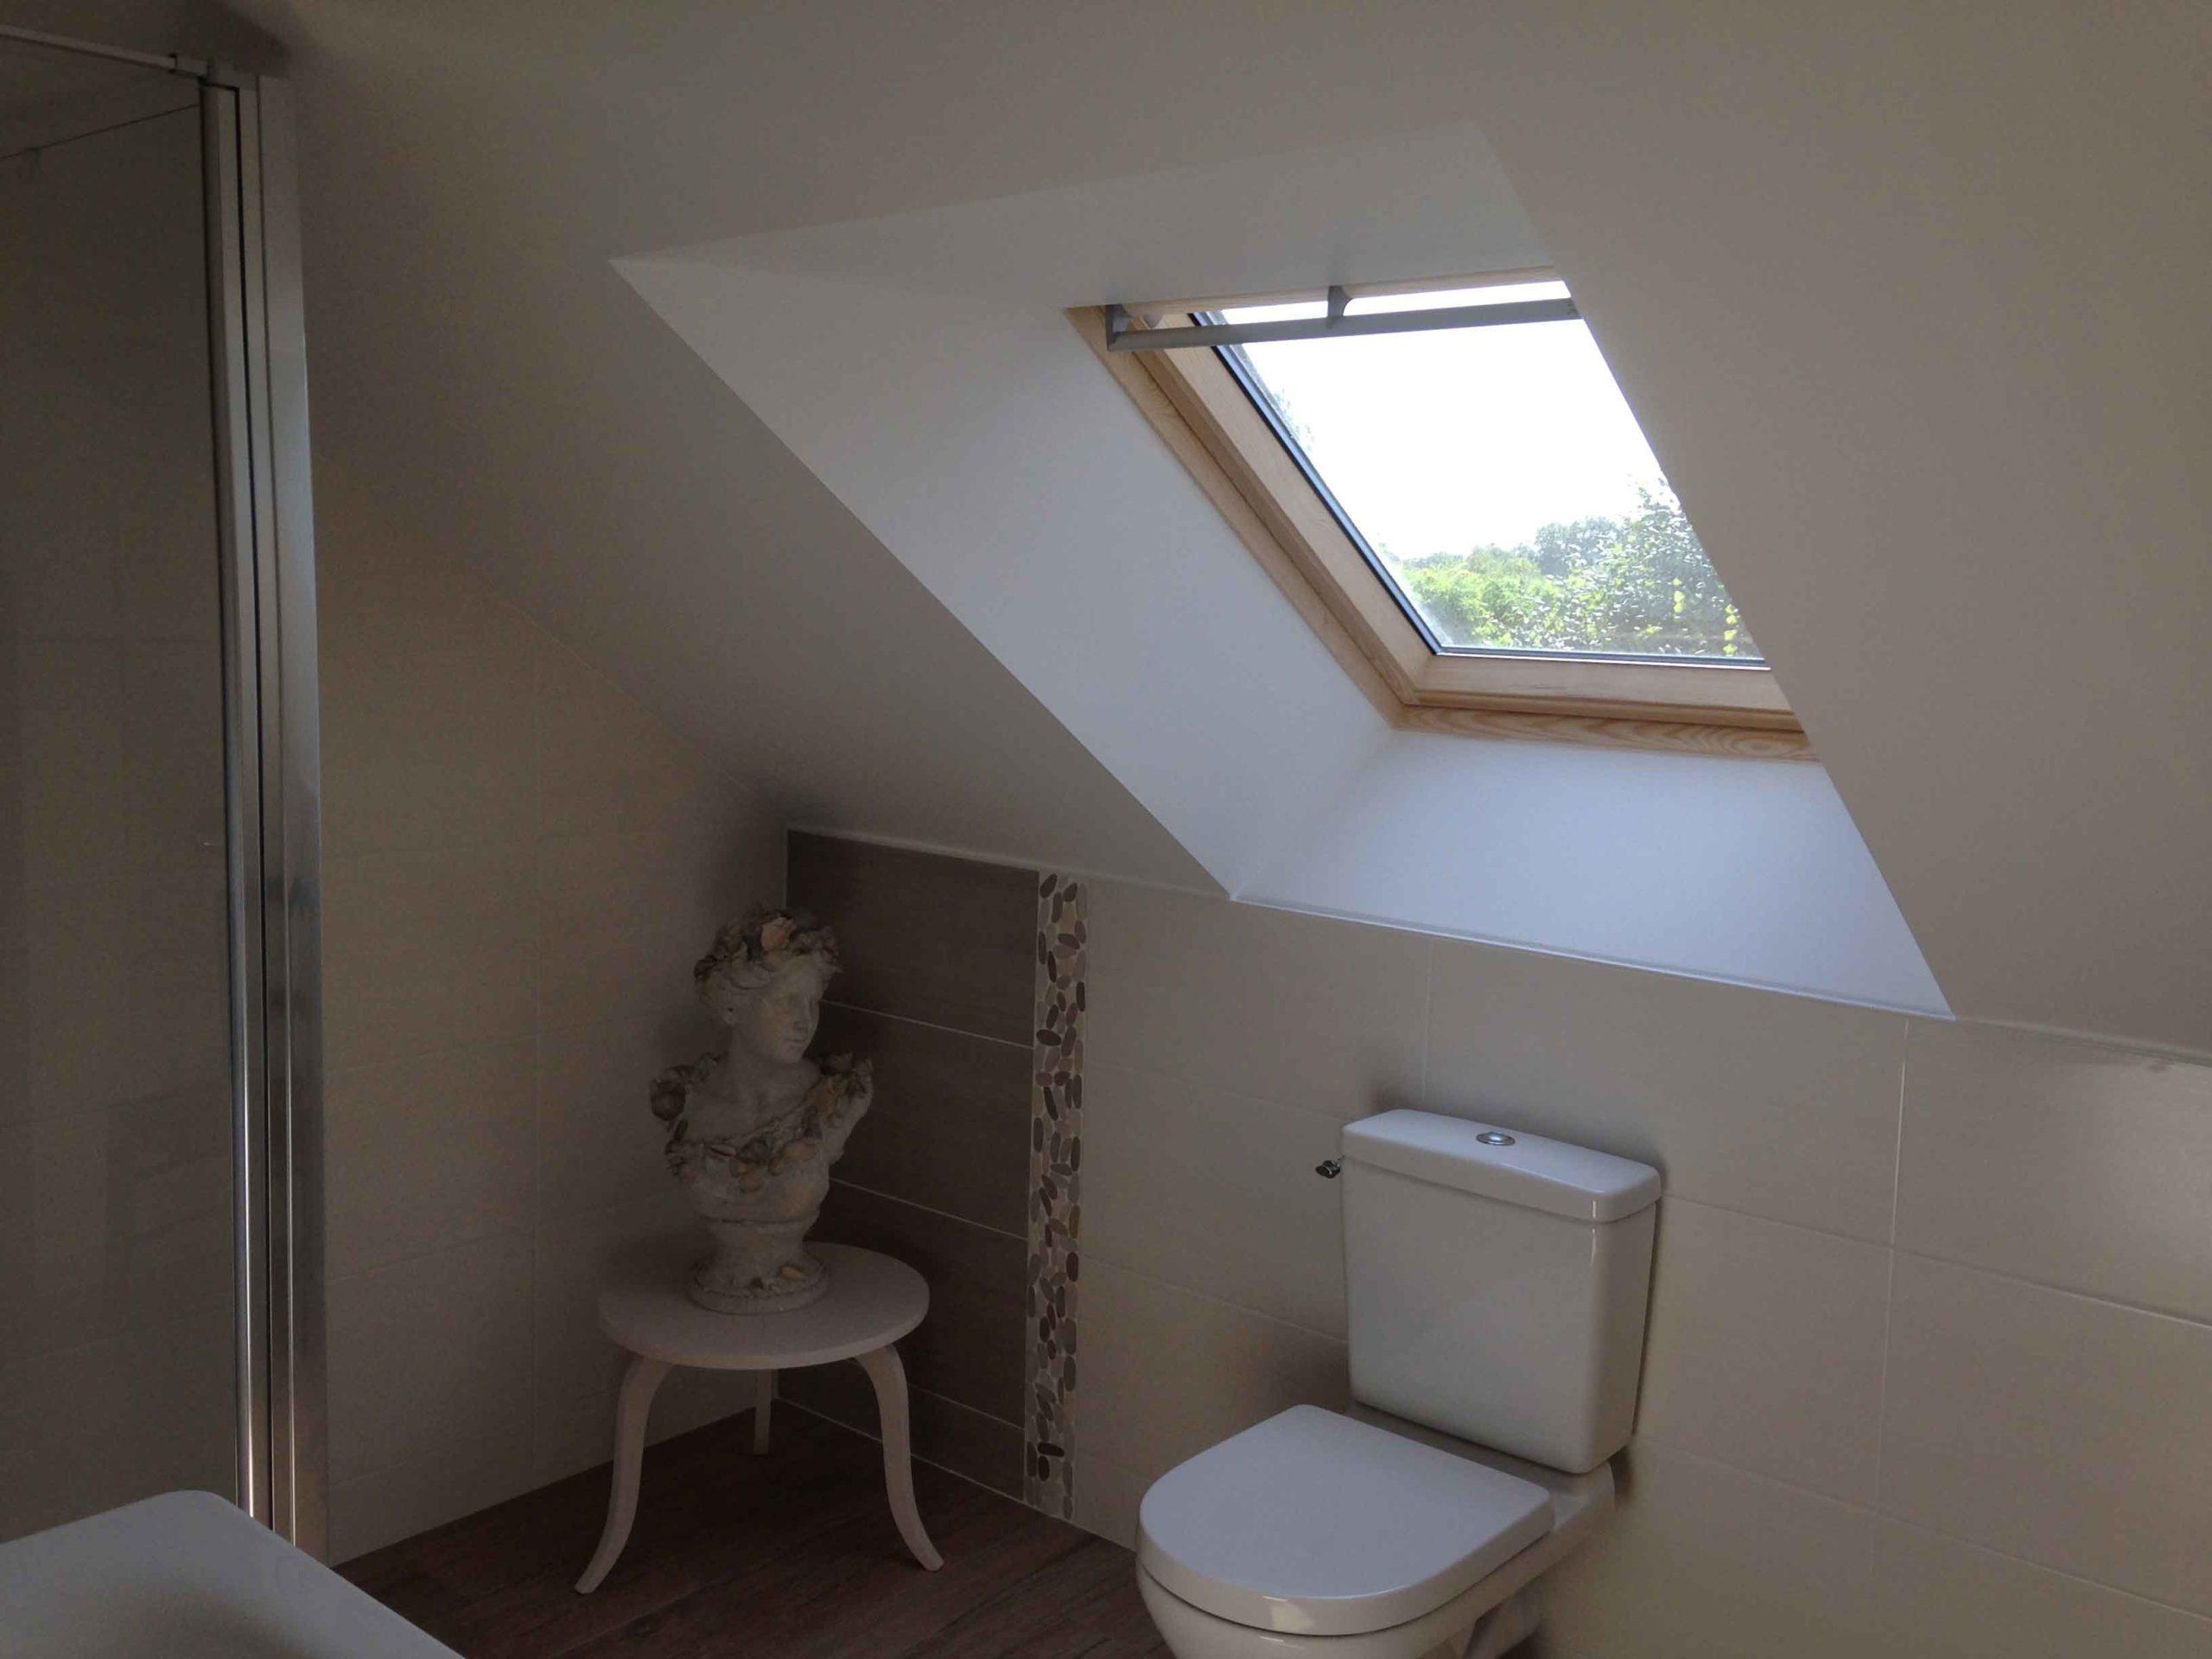 Fenêtre de toit dans salle de bain